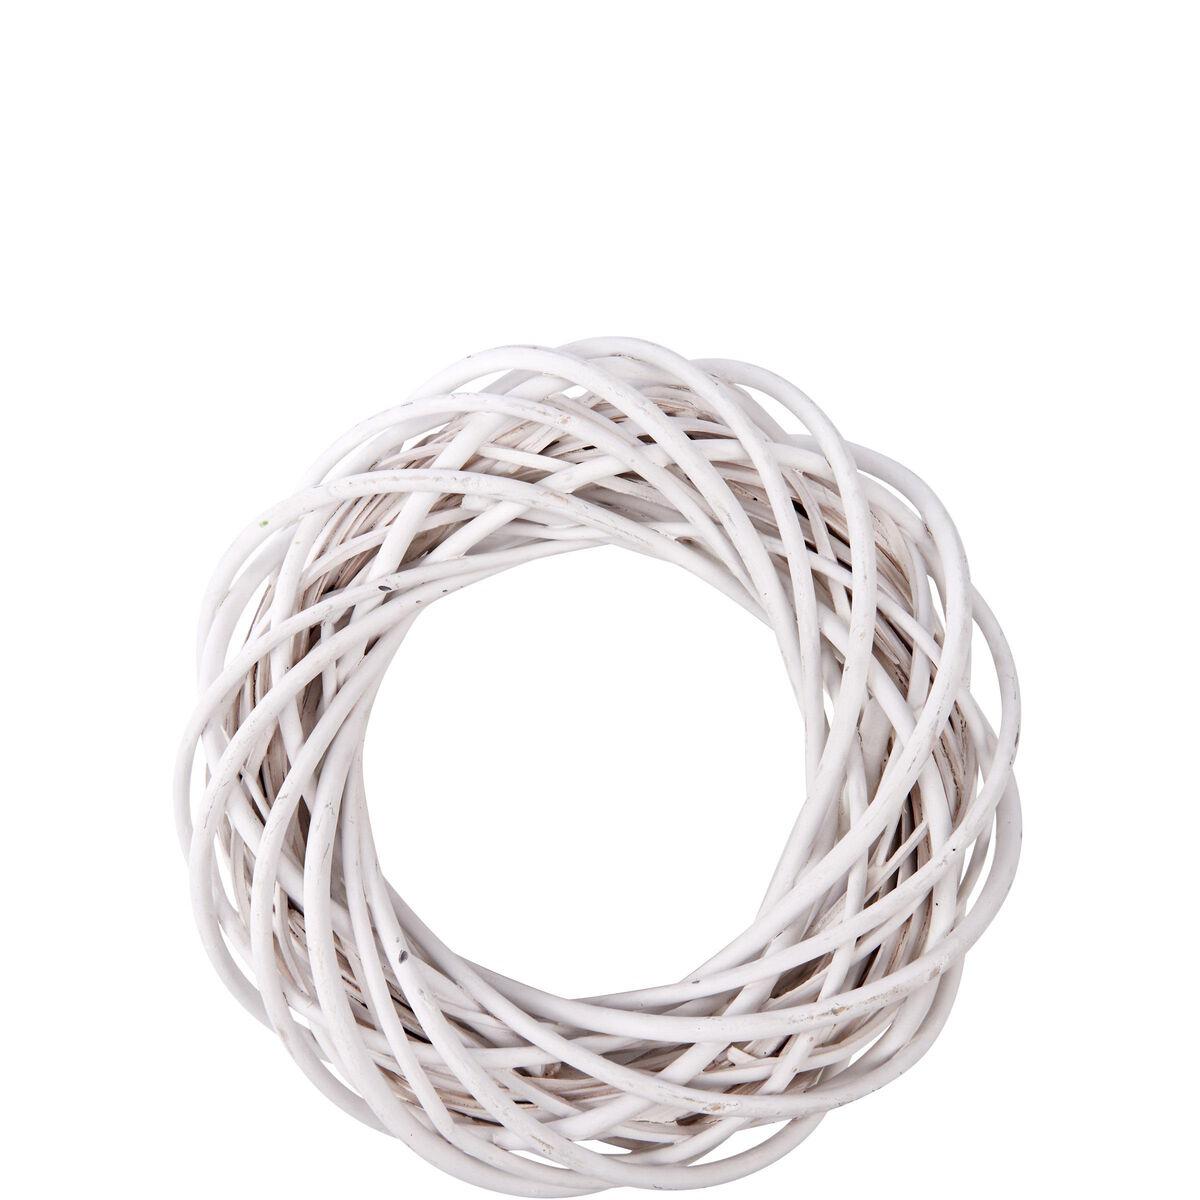 WINTERGREEN Kranz  Ø25cm weiß